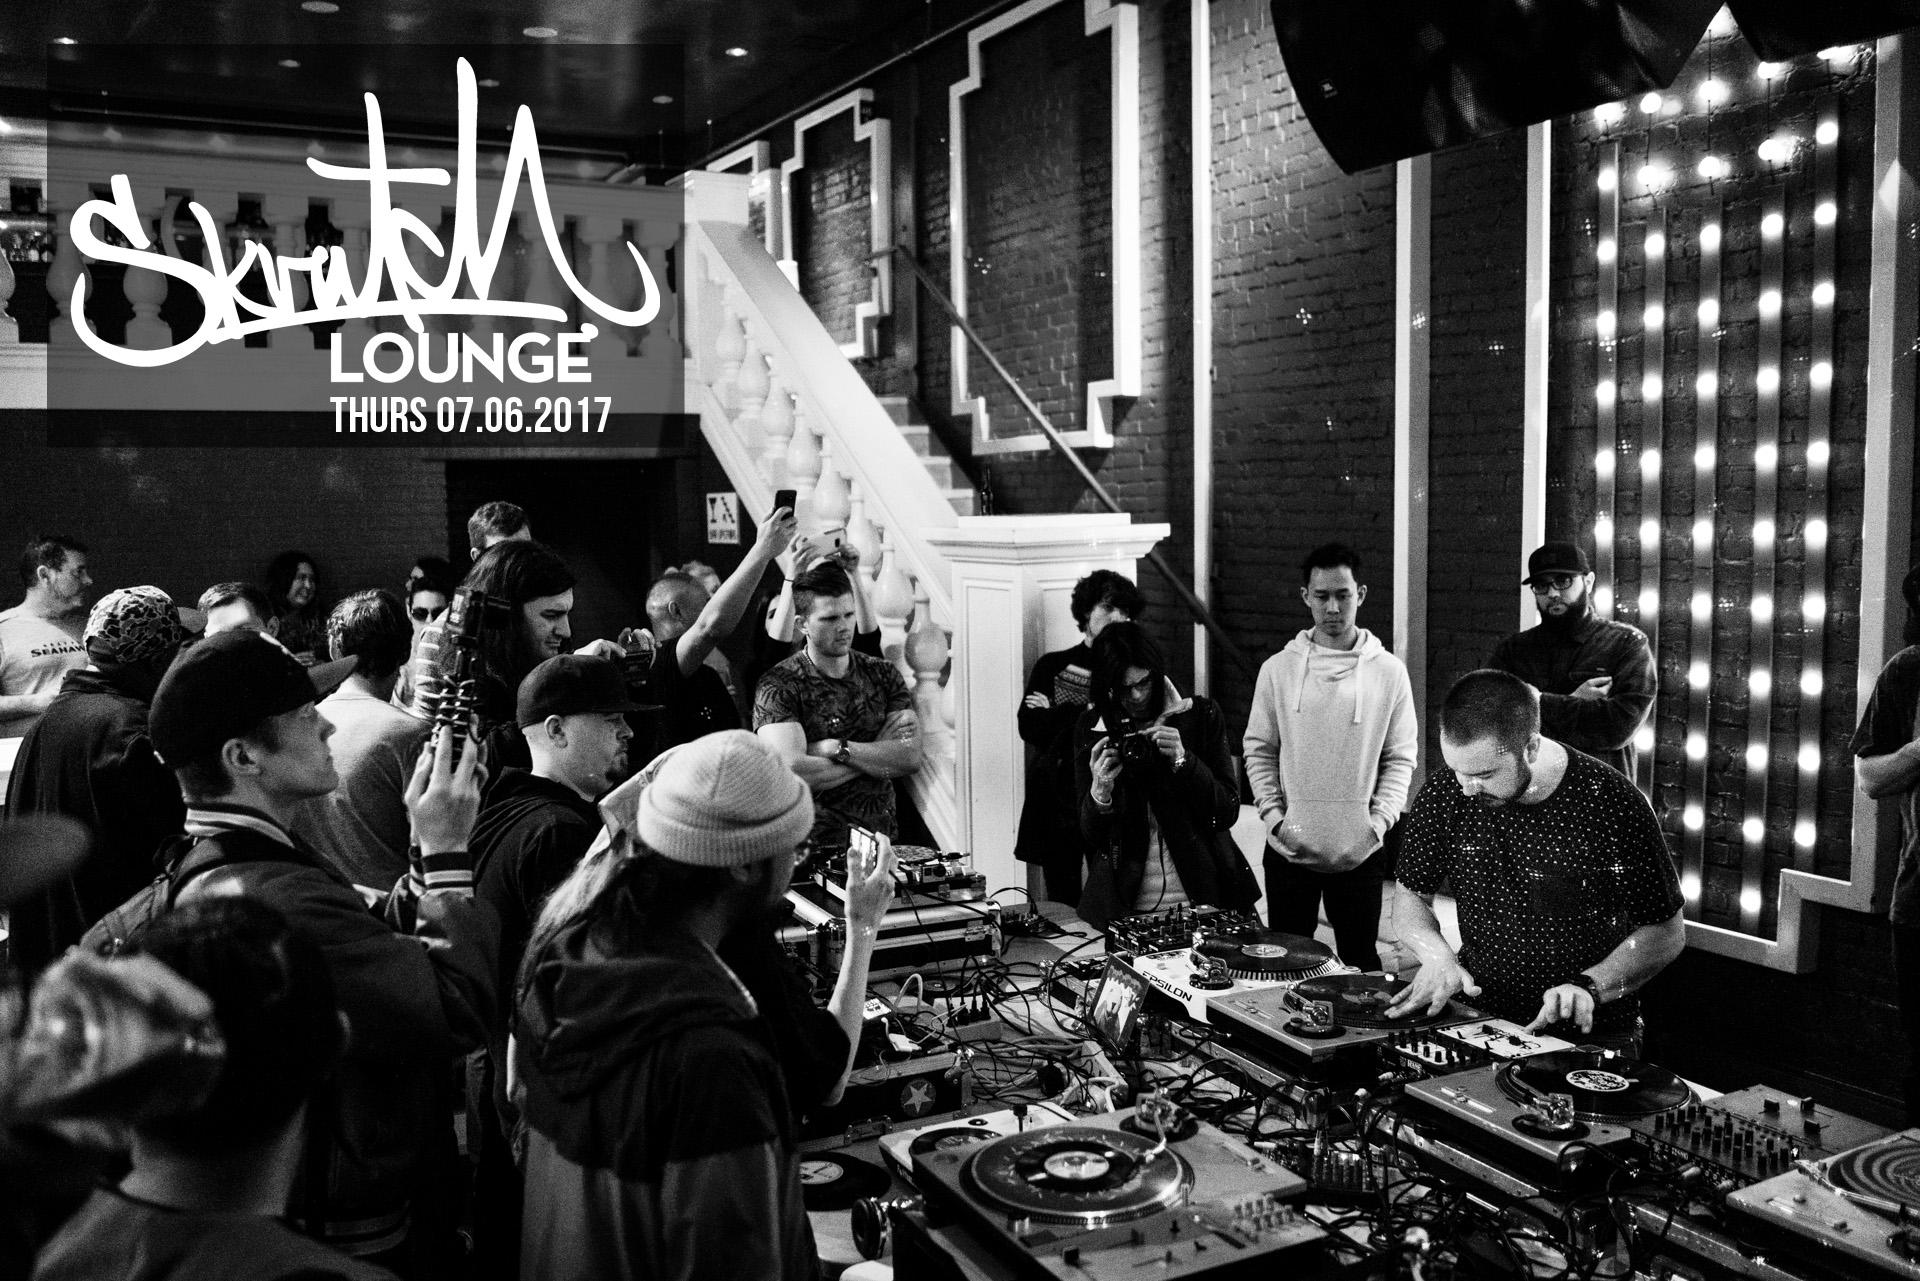 2017_07_06_Skratch Lounge.jpg